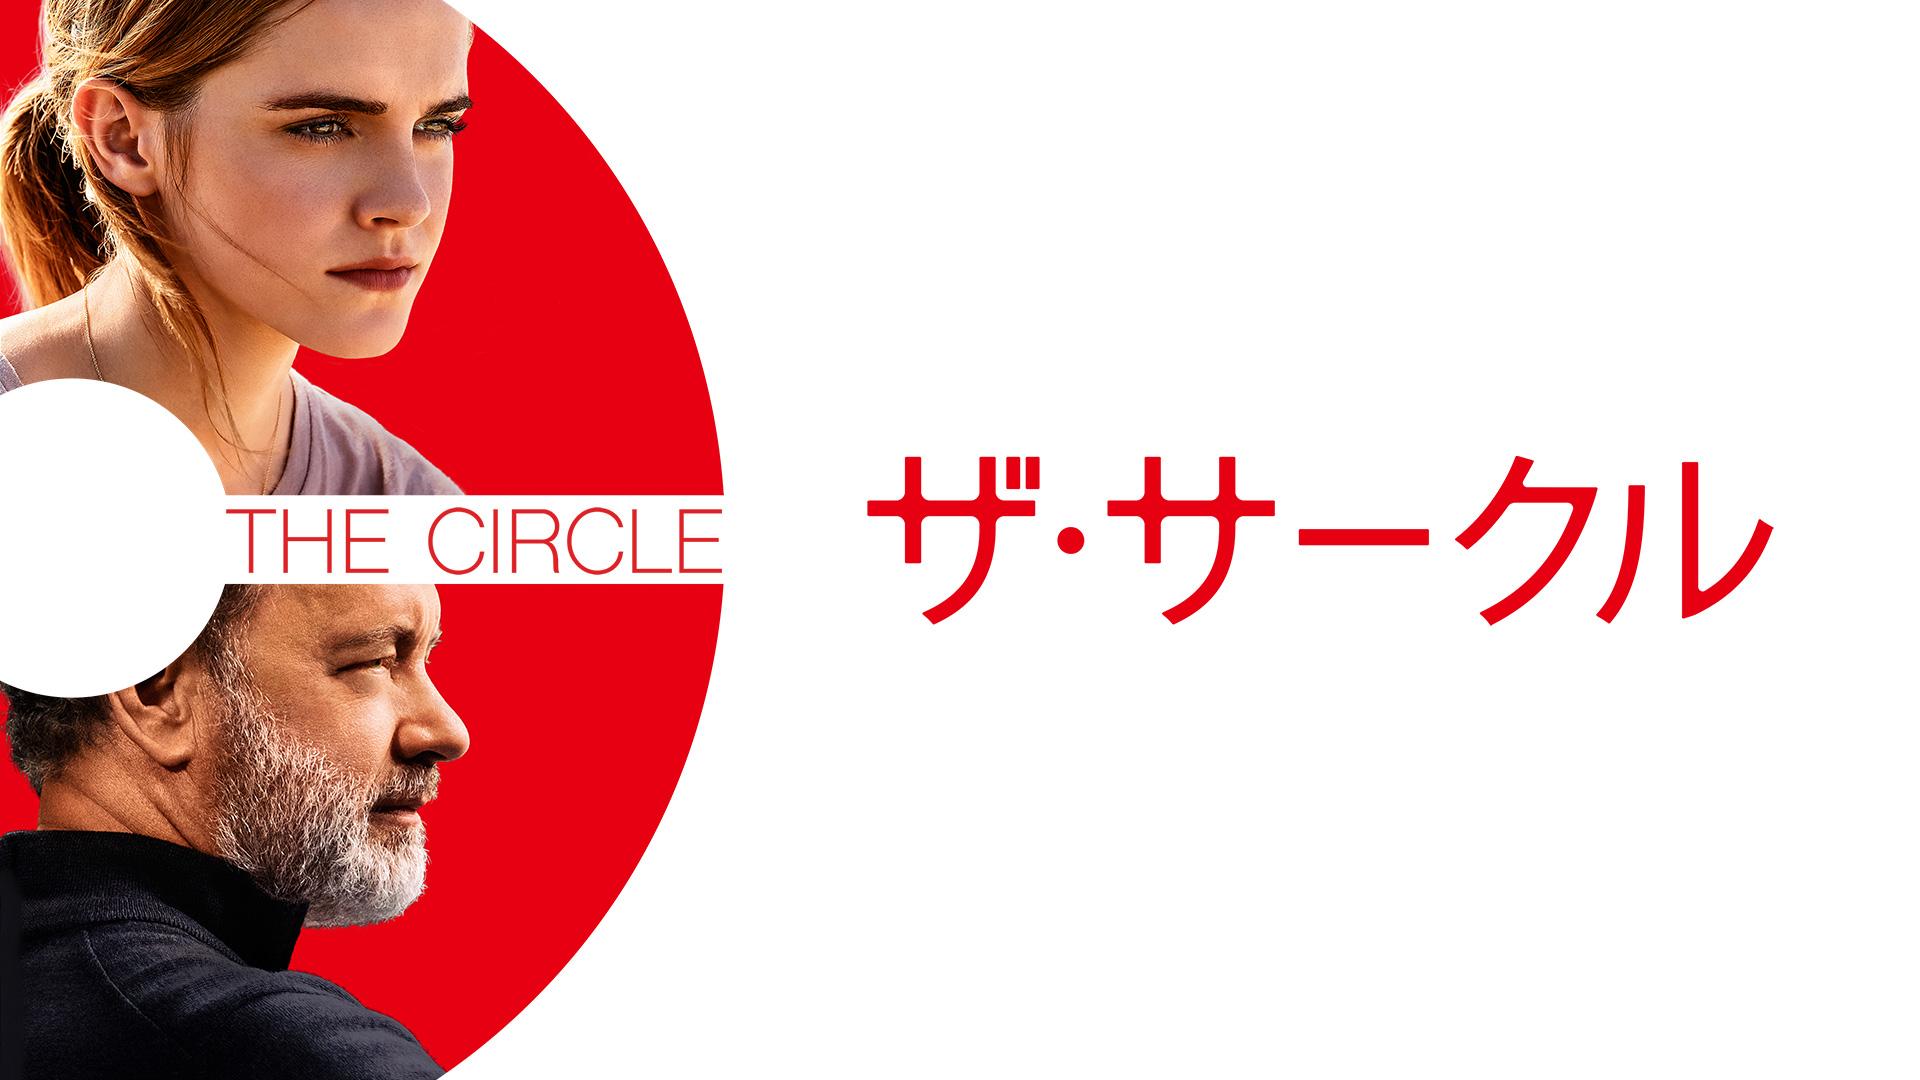 ザ・サークル(字幕版)